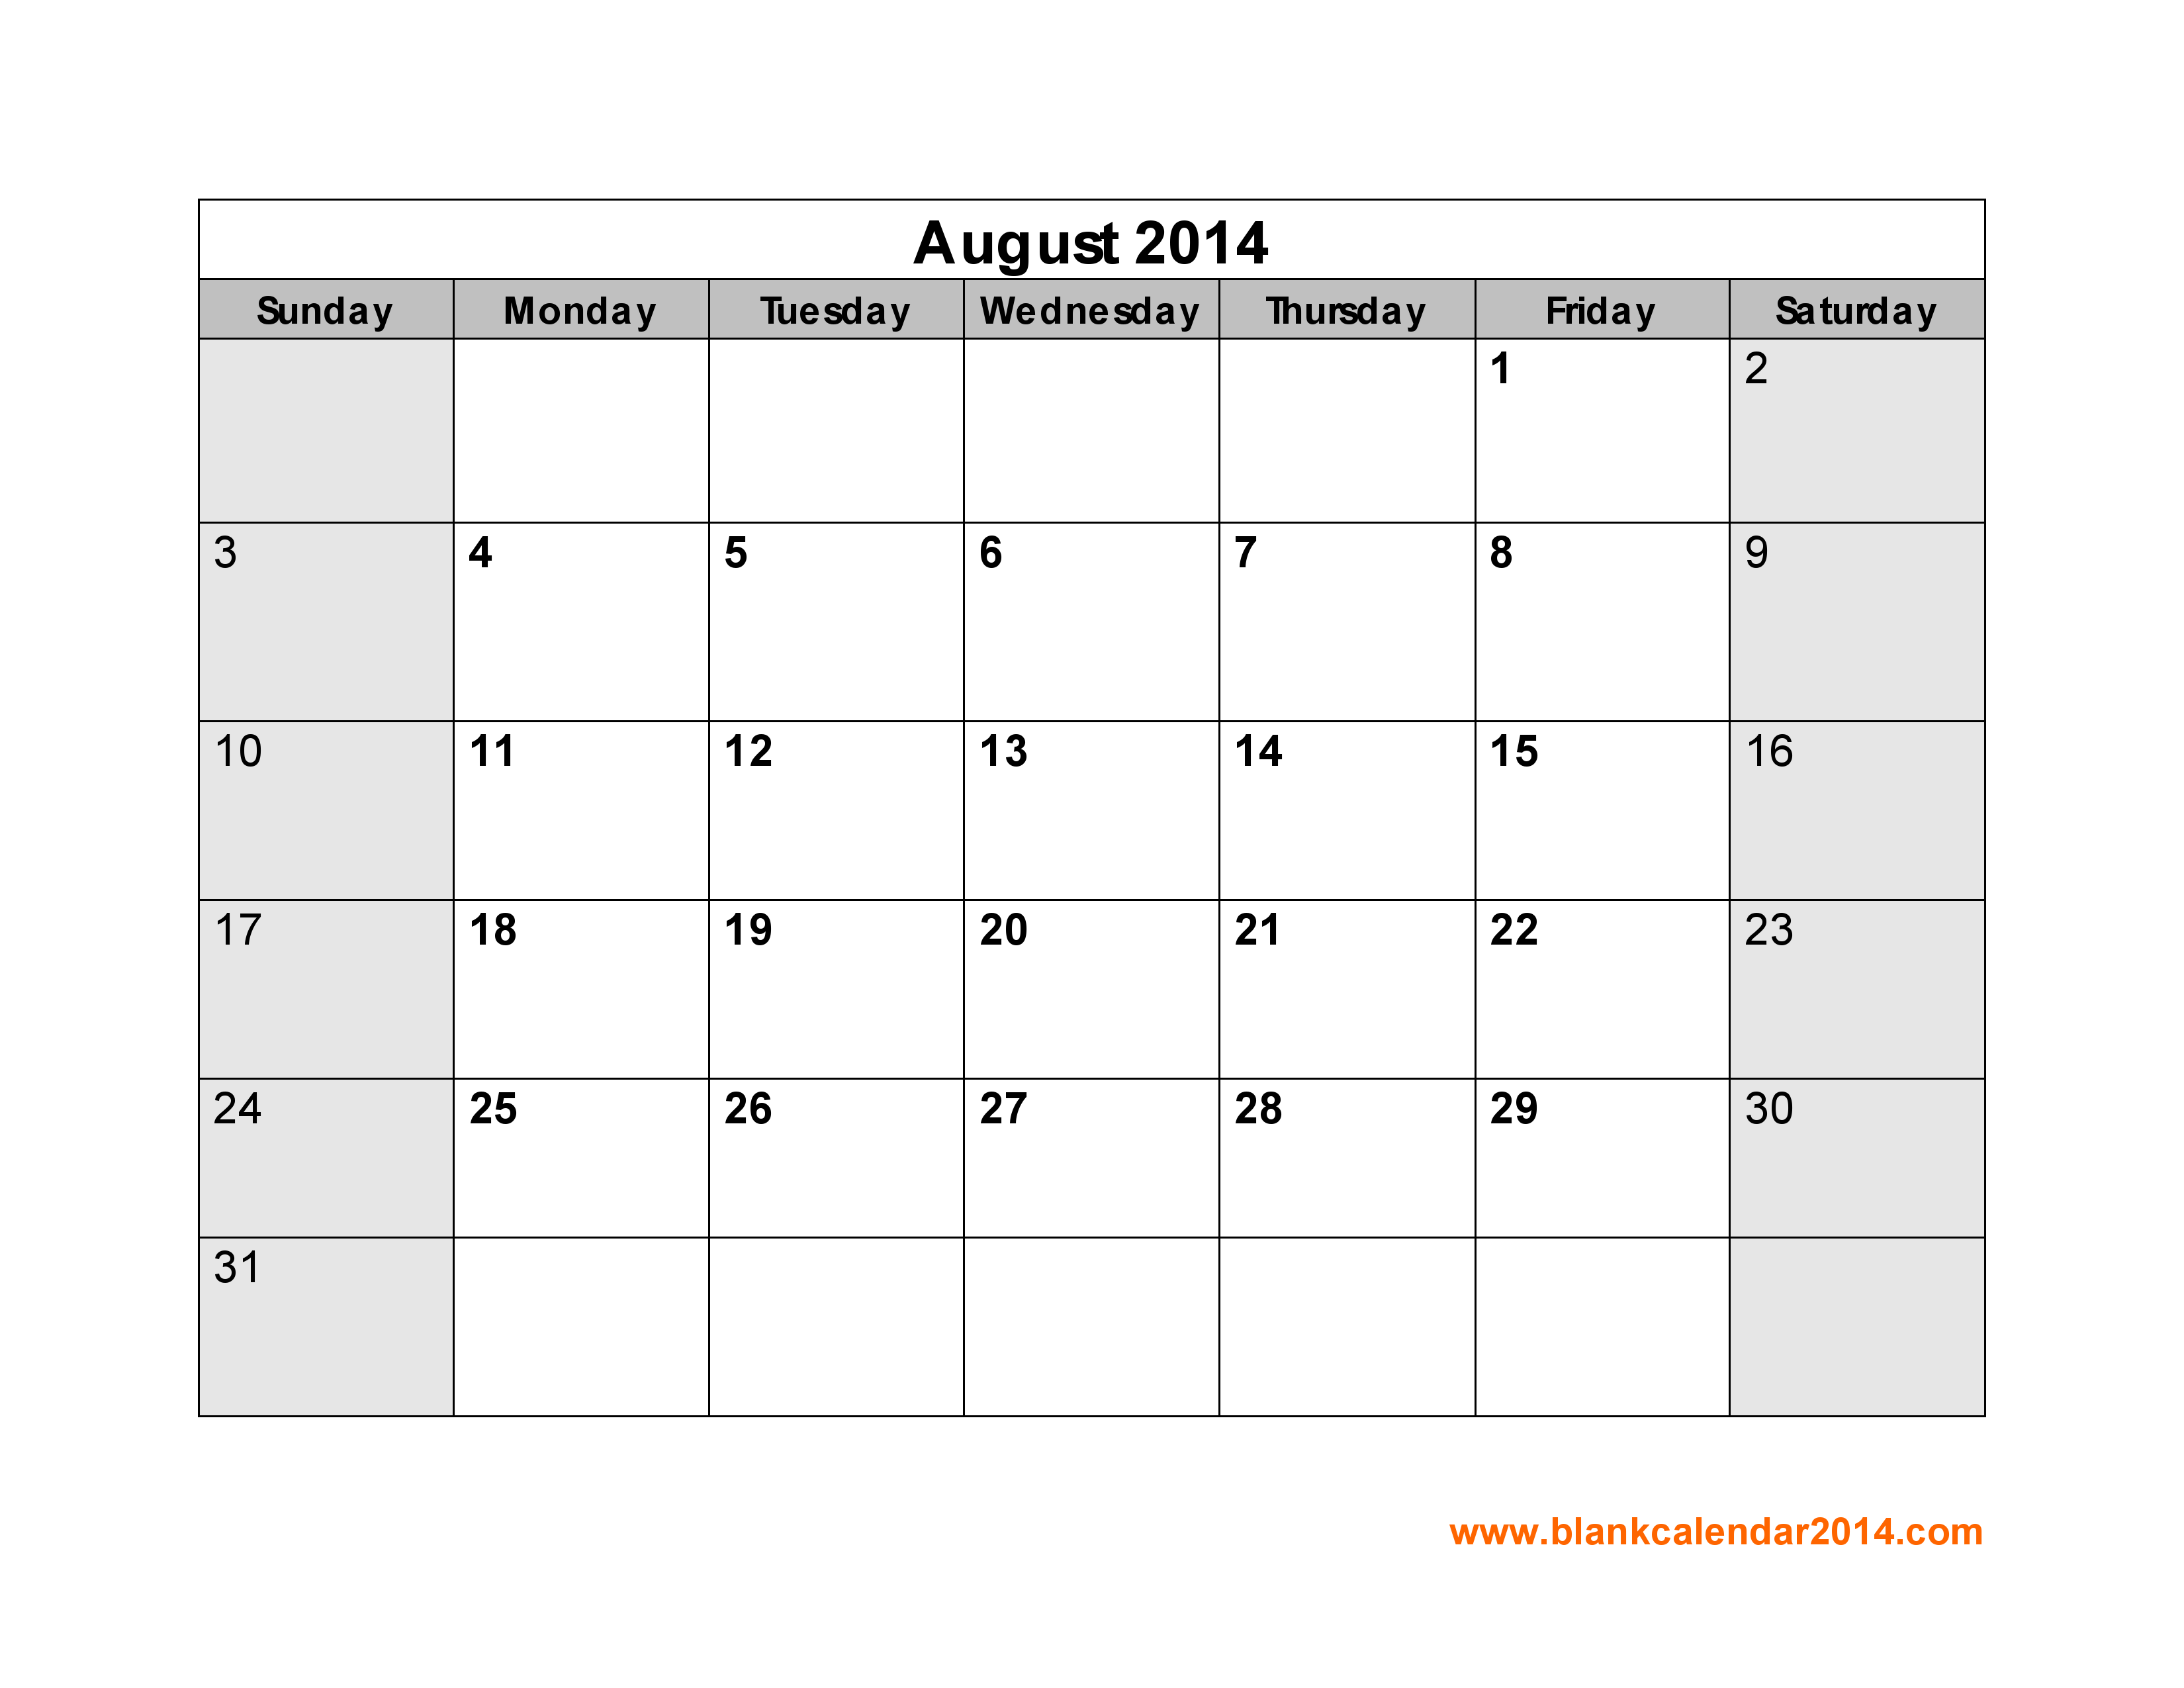 2014 Calendar With Holidays Printable August 2014 Calendar